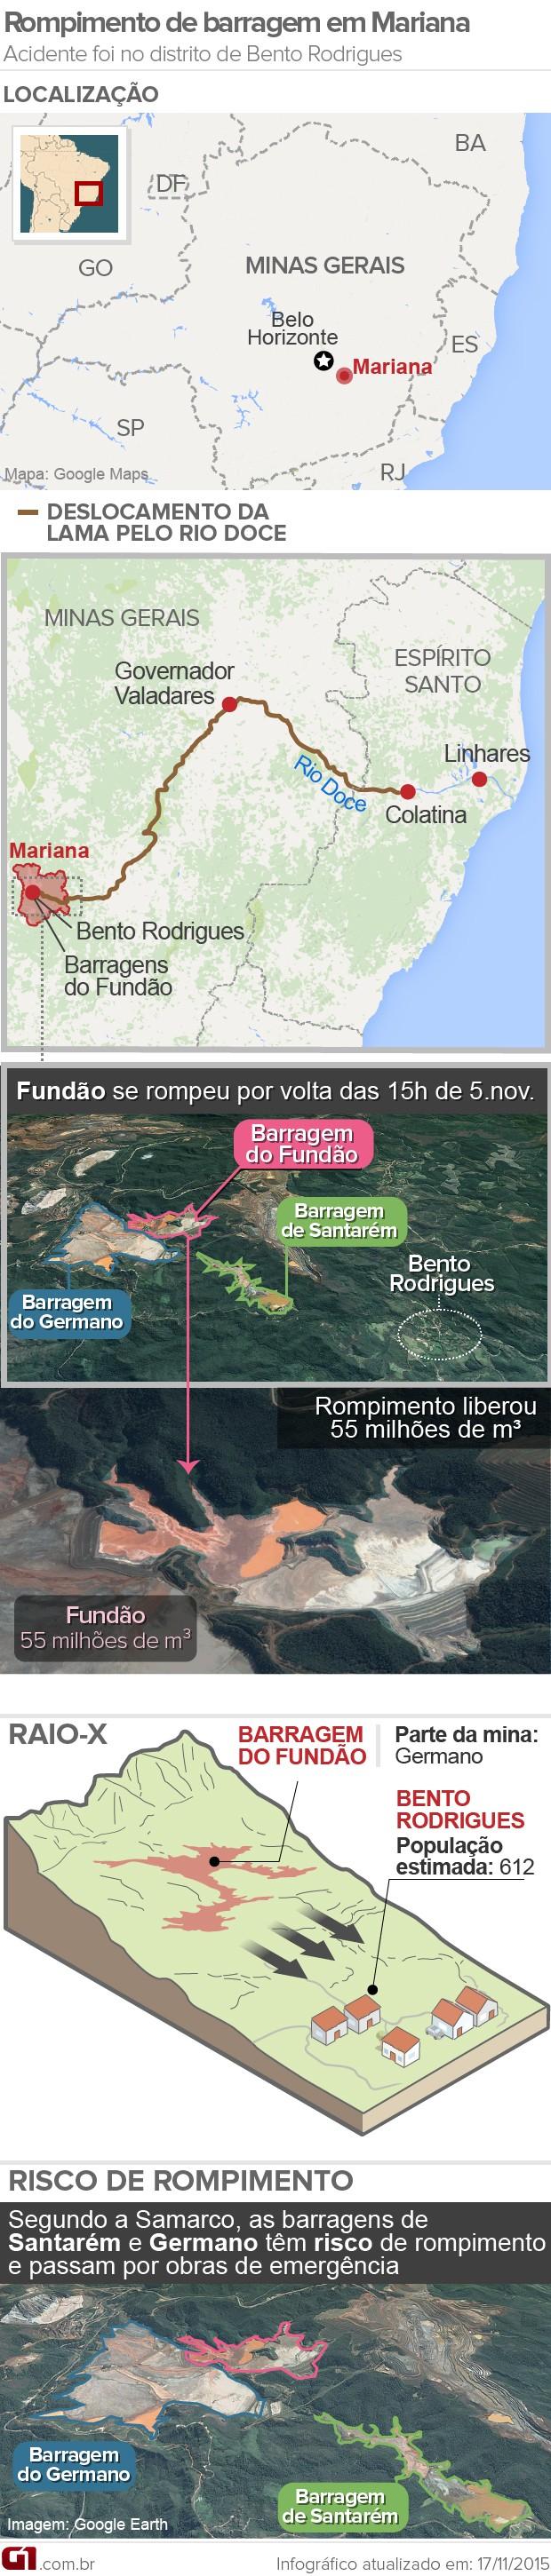 Nova versão infográfico barragens Mariana (Foto: G1)